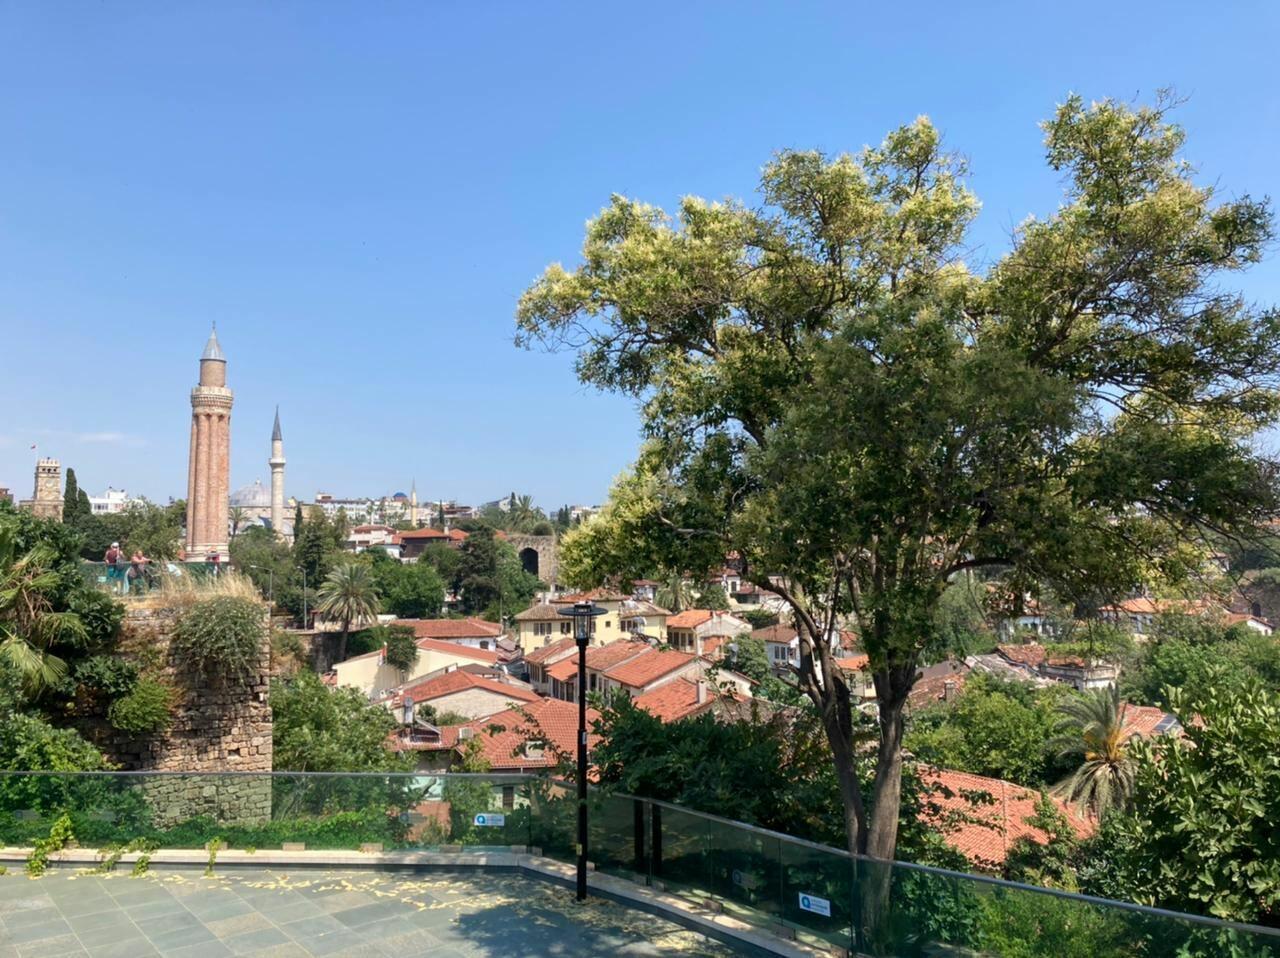 Анталья - одно из самых привлекательных мест для туристов